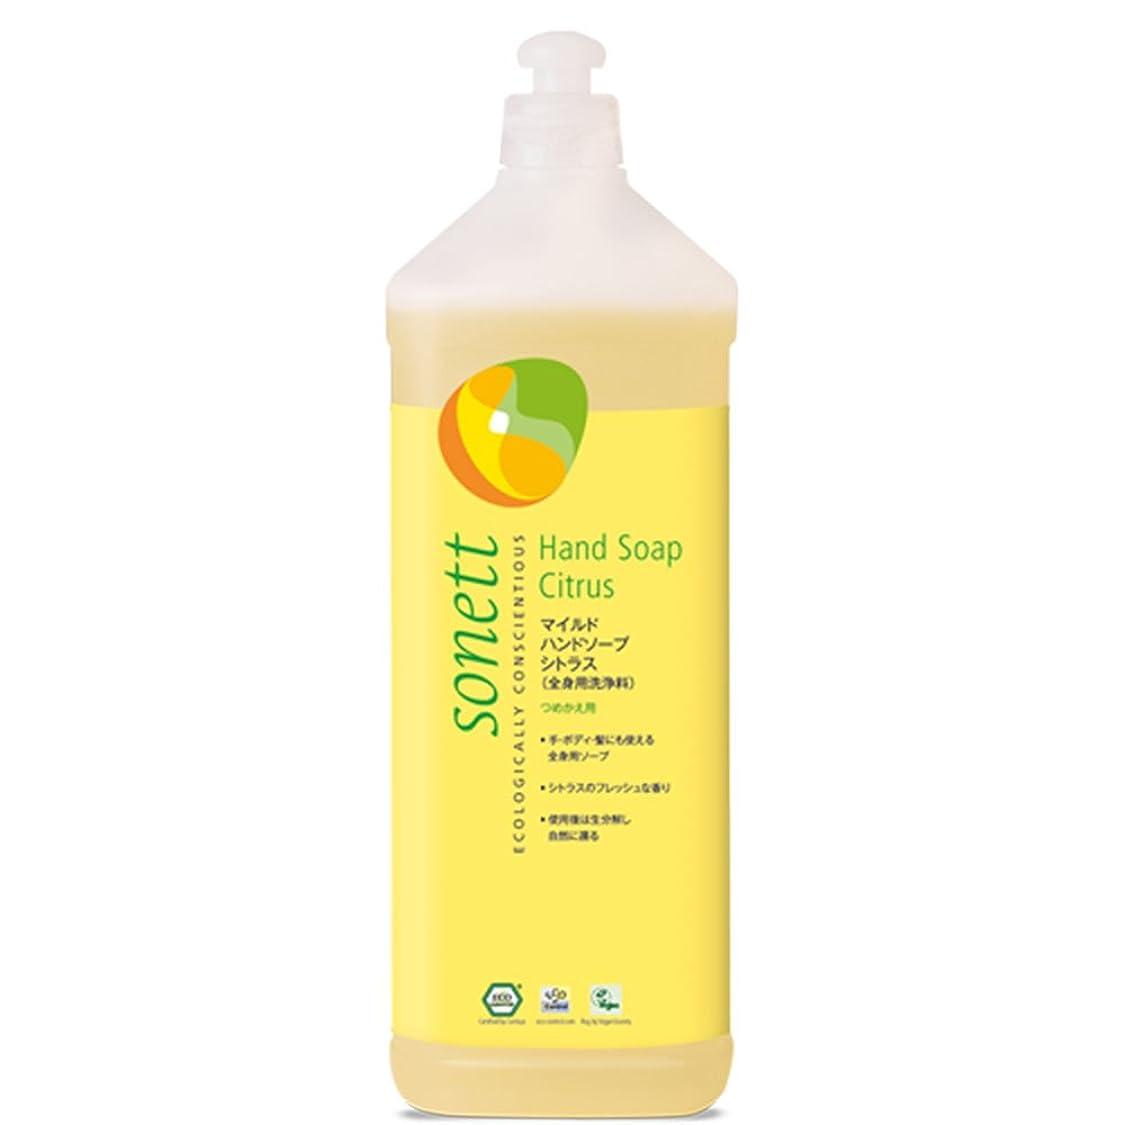 縞模様のジャンクション強化するSONETT ( ソネット 洗剤 ) マイルドハンドソープ シトラス 1L  ( ボディー&ハンドソープ 全身 )